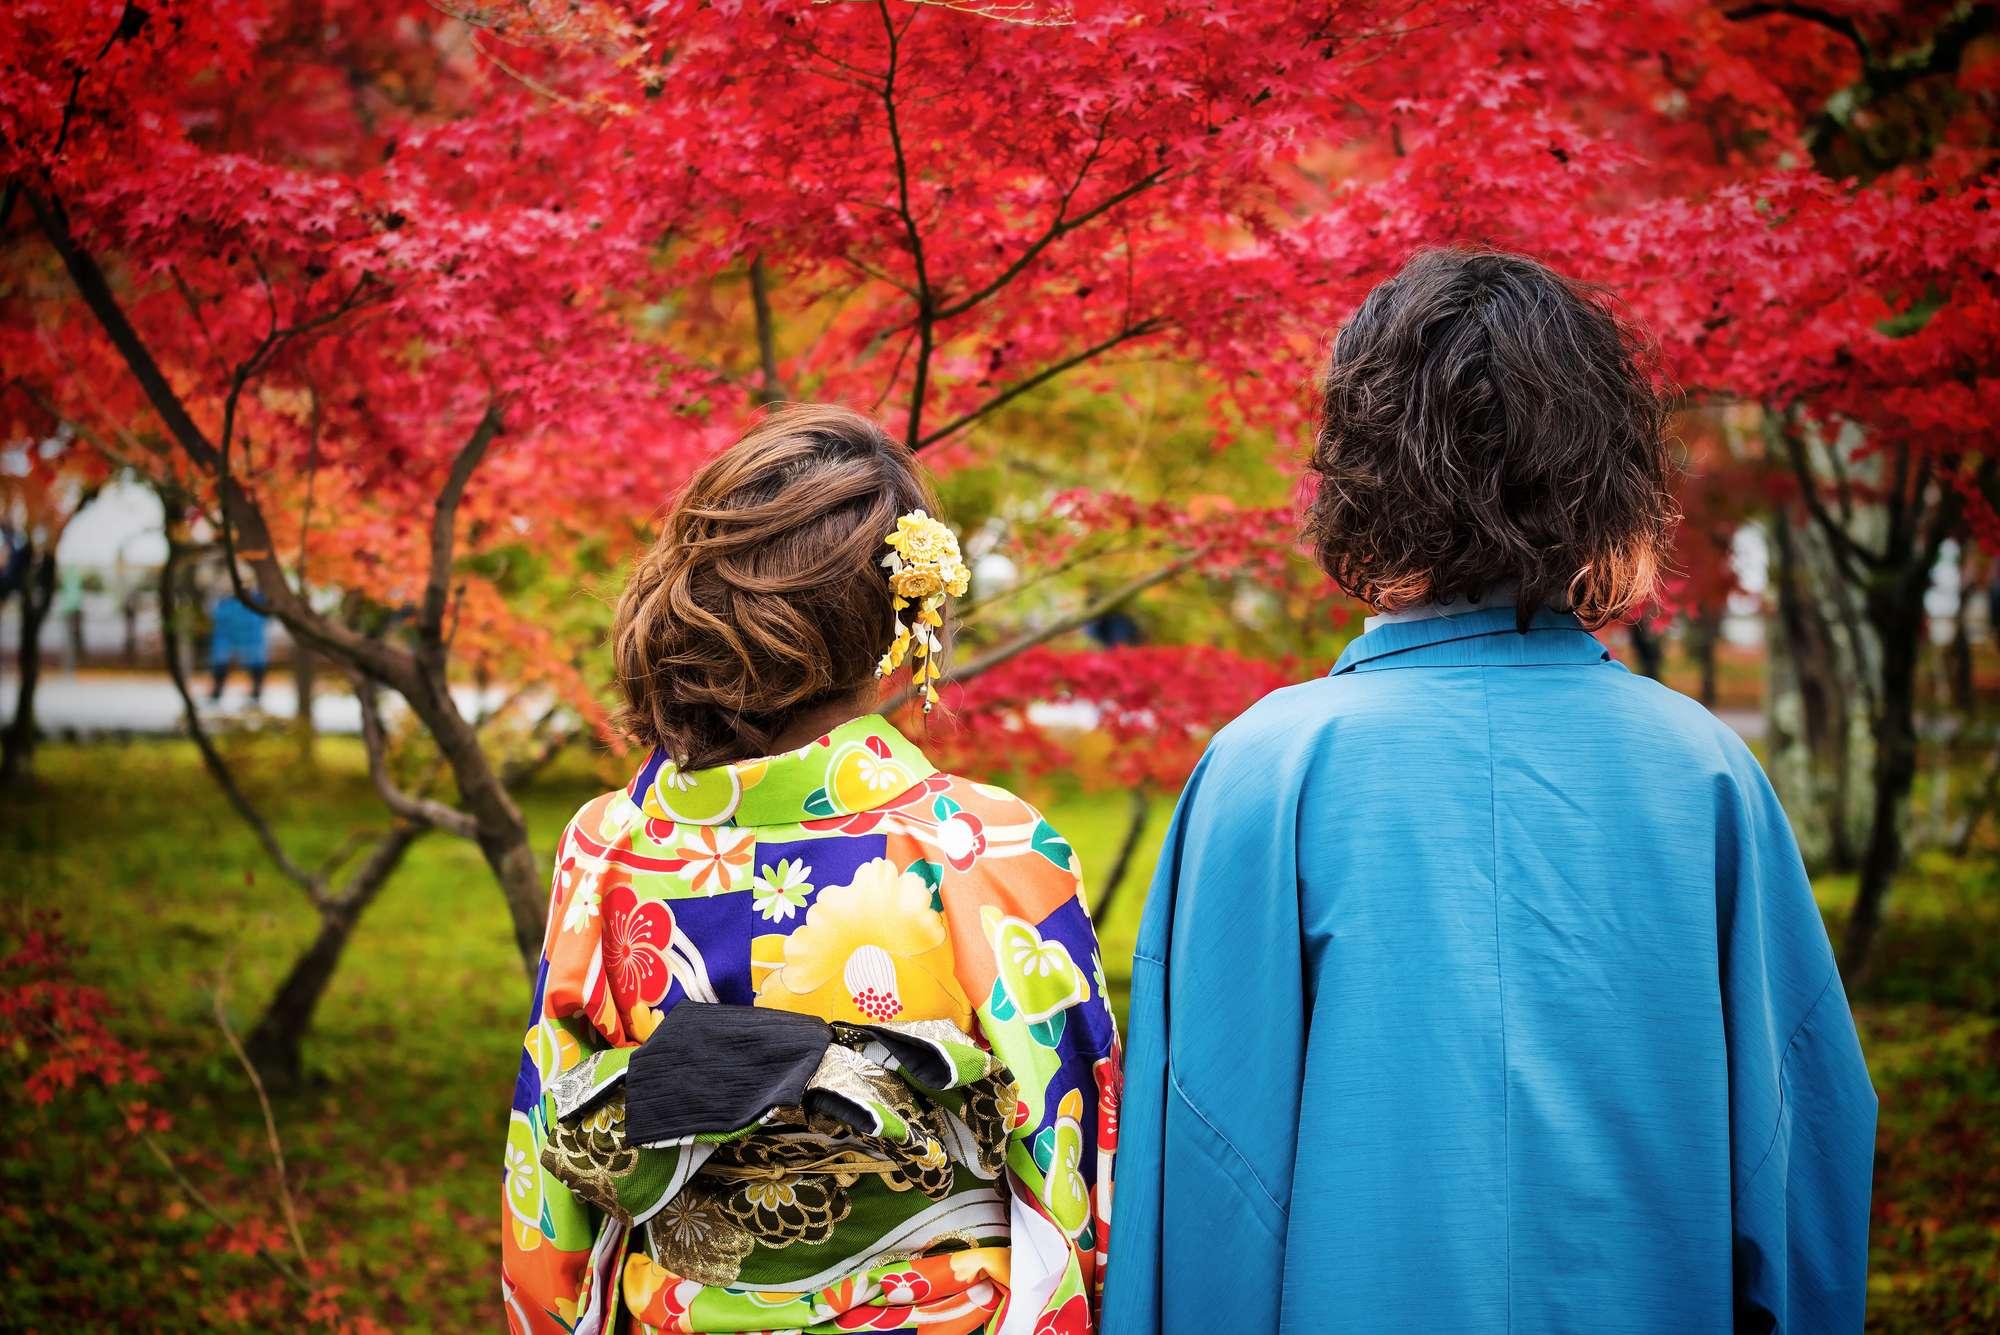 Színpompás japán juharok között romantikus hangulatba kerültök!